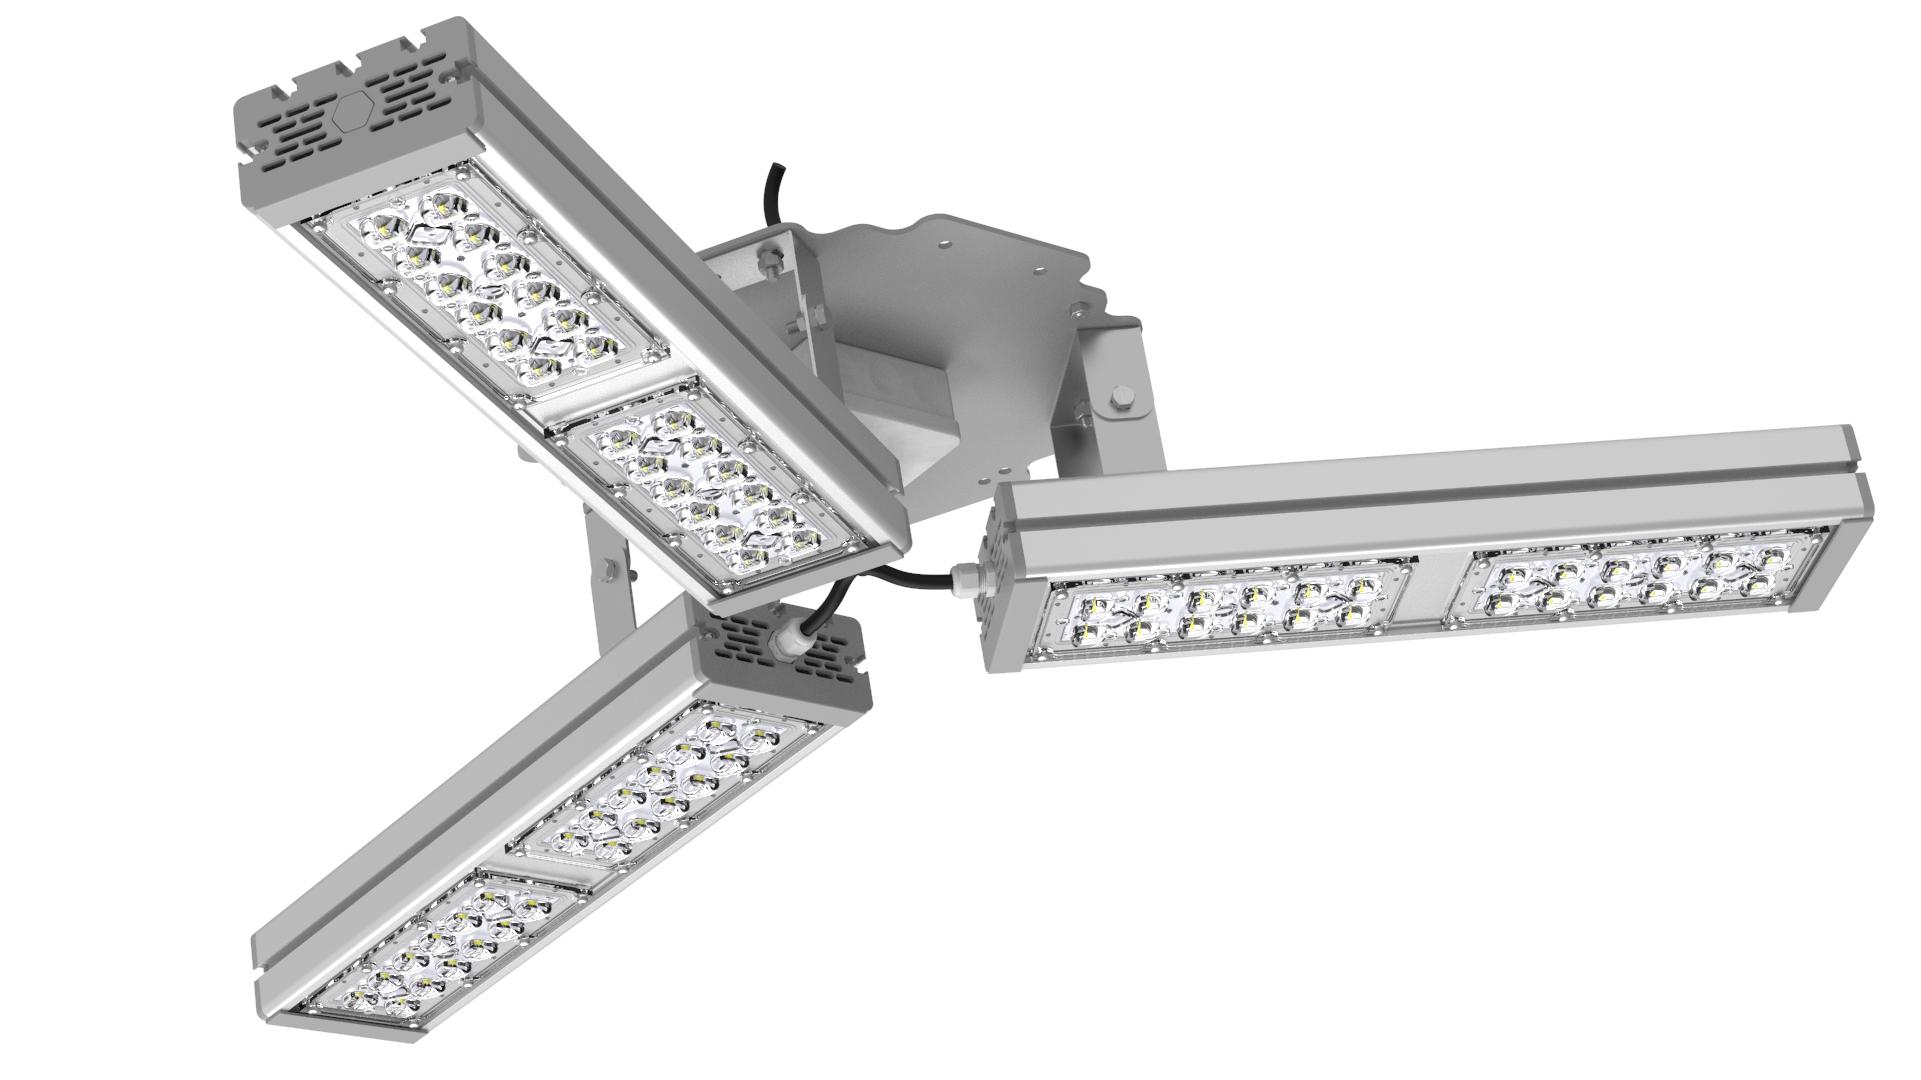 Светильник подвесной Ромашка High-Bay SVT-P-FLOWER-159Вт-27 (с защитой от 380В, трос)